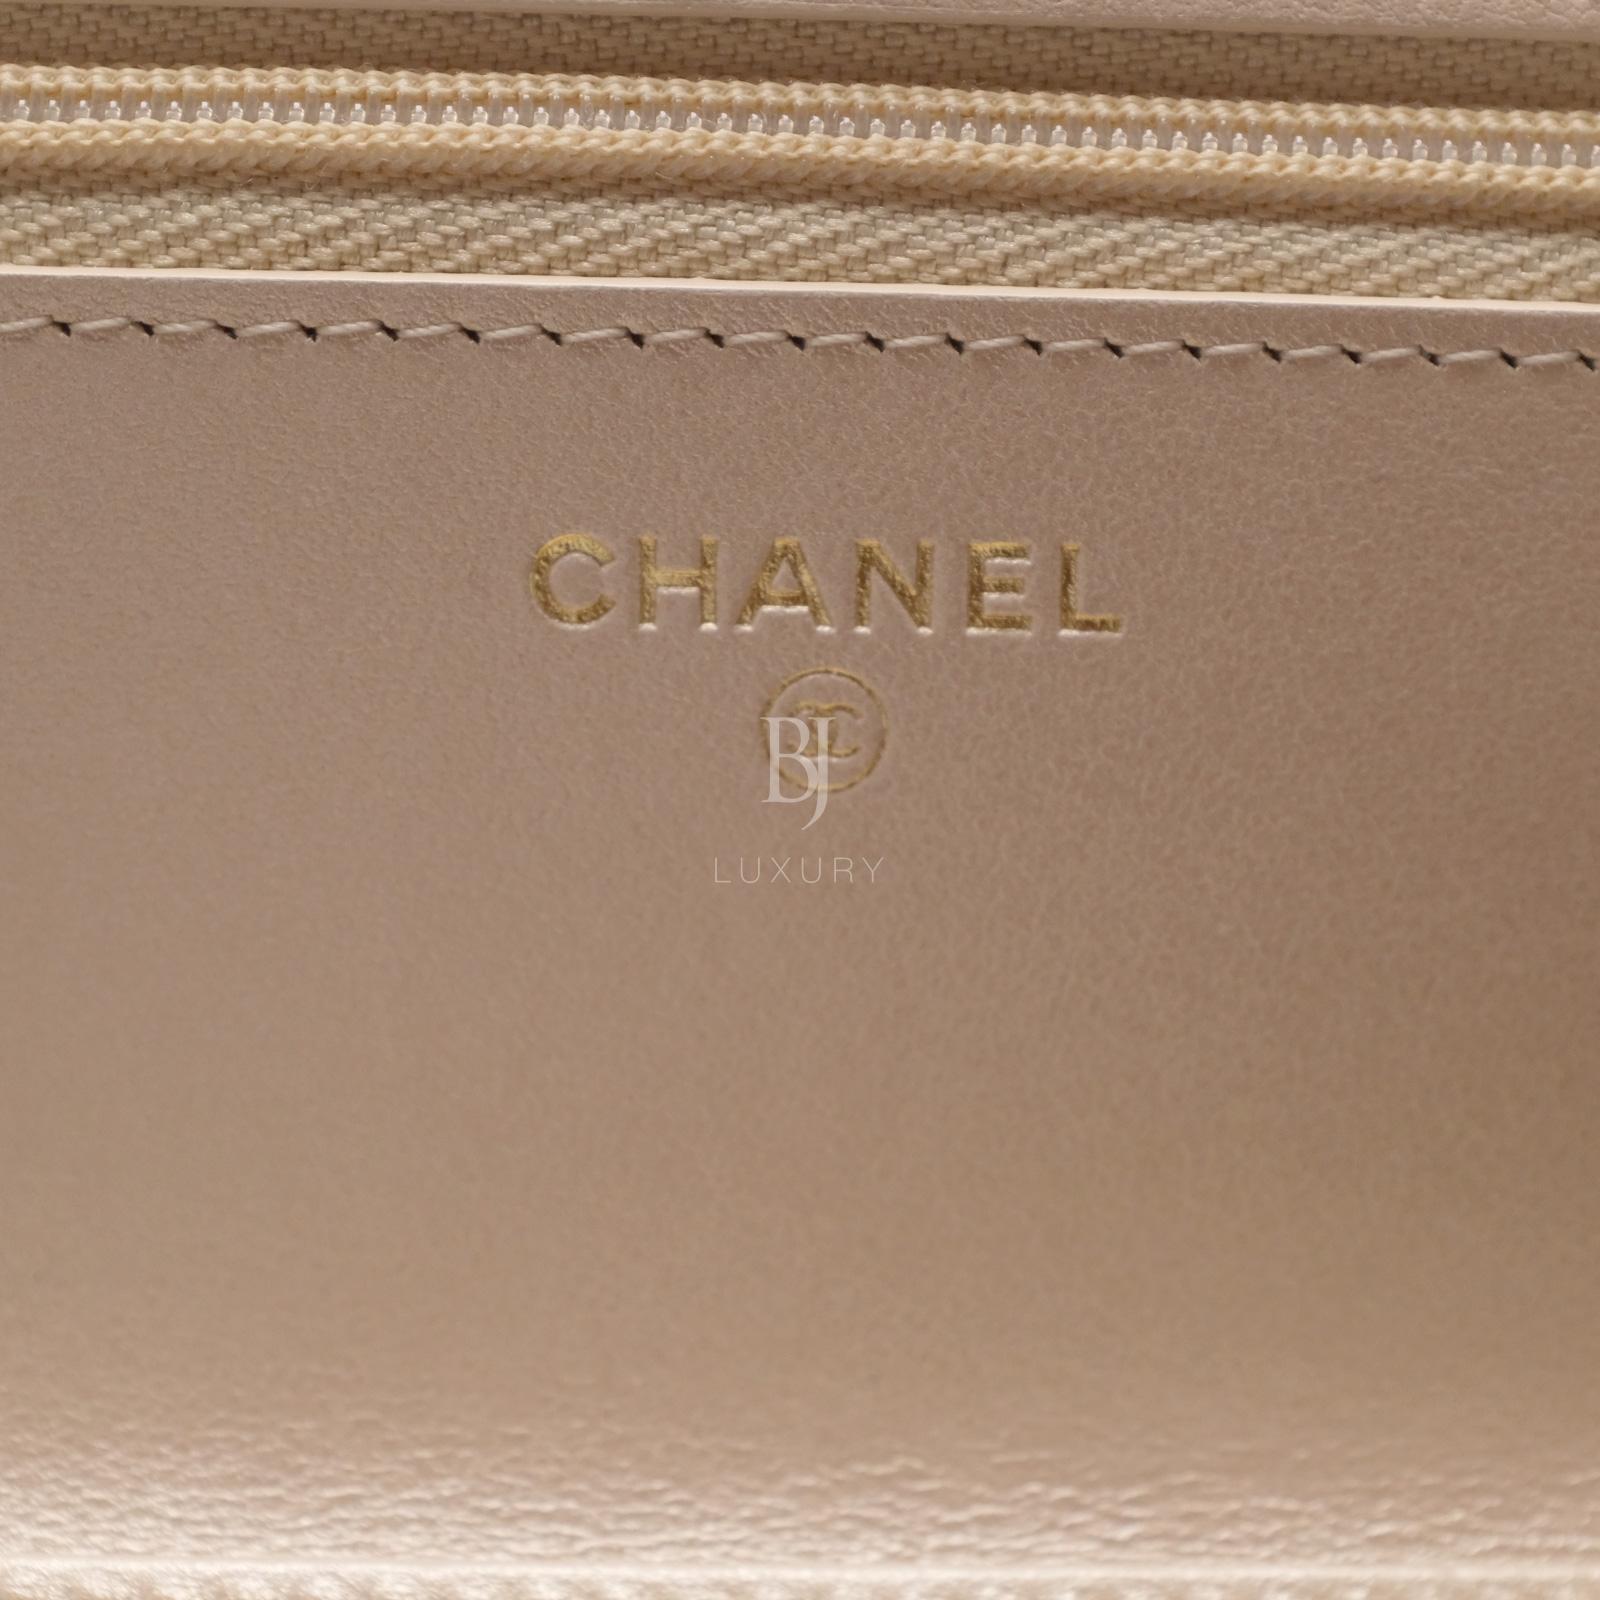 Chanel Wallet on Chain Mini Lambskin Light Gold BJ Luxury 13.jpg